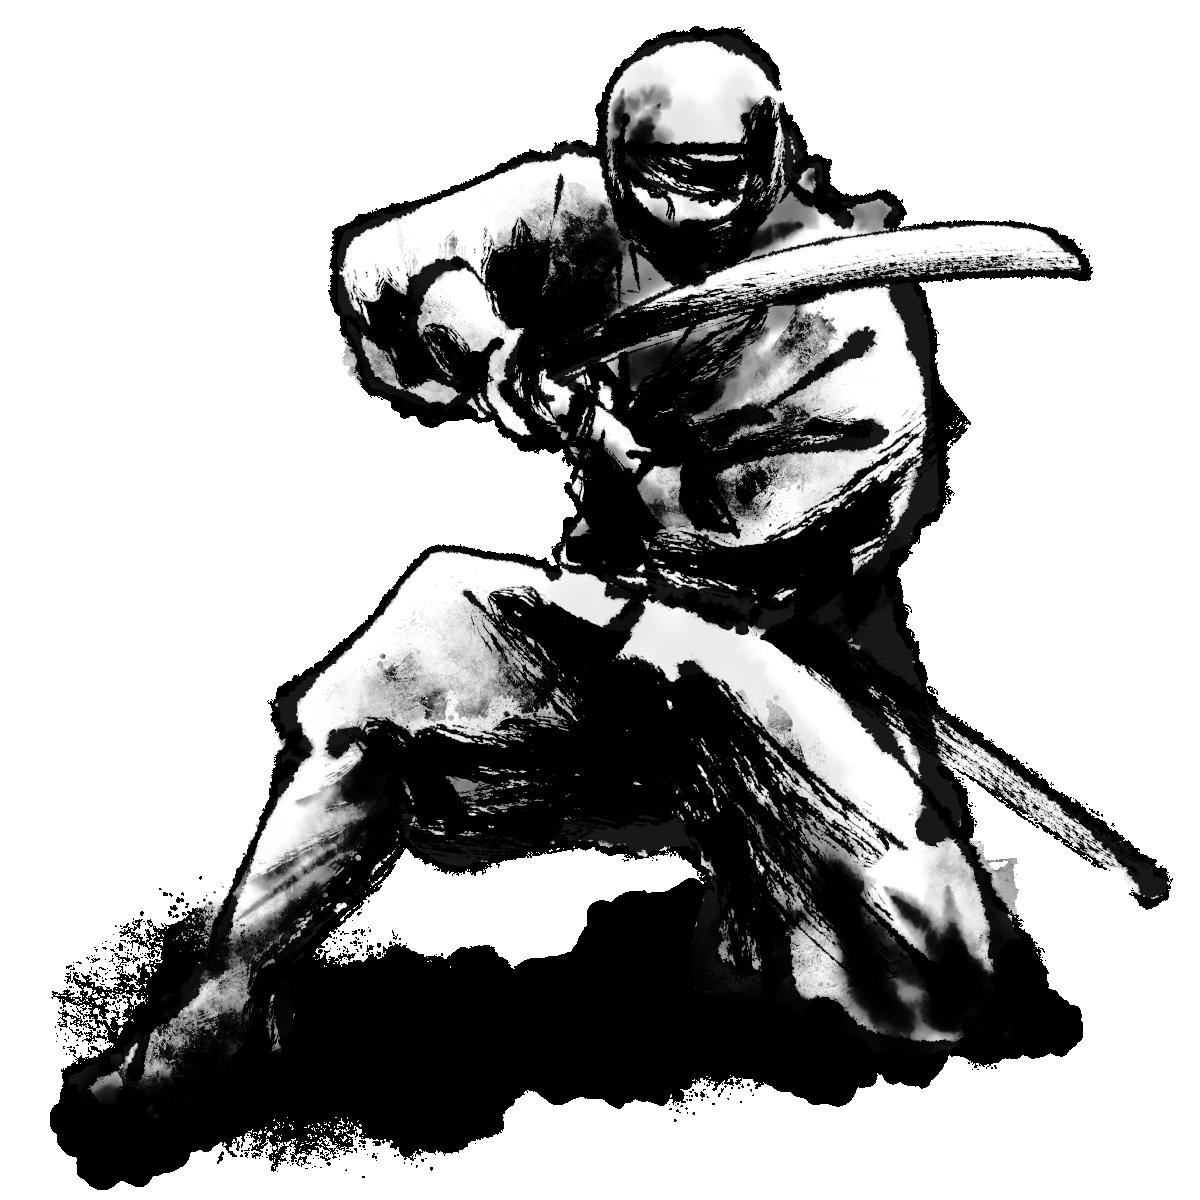 刀を構える忍者のイラスト Ninja who holds a sword  Illustration